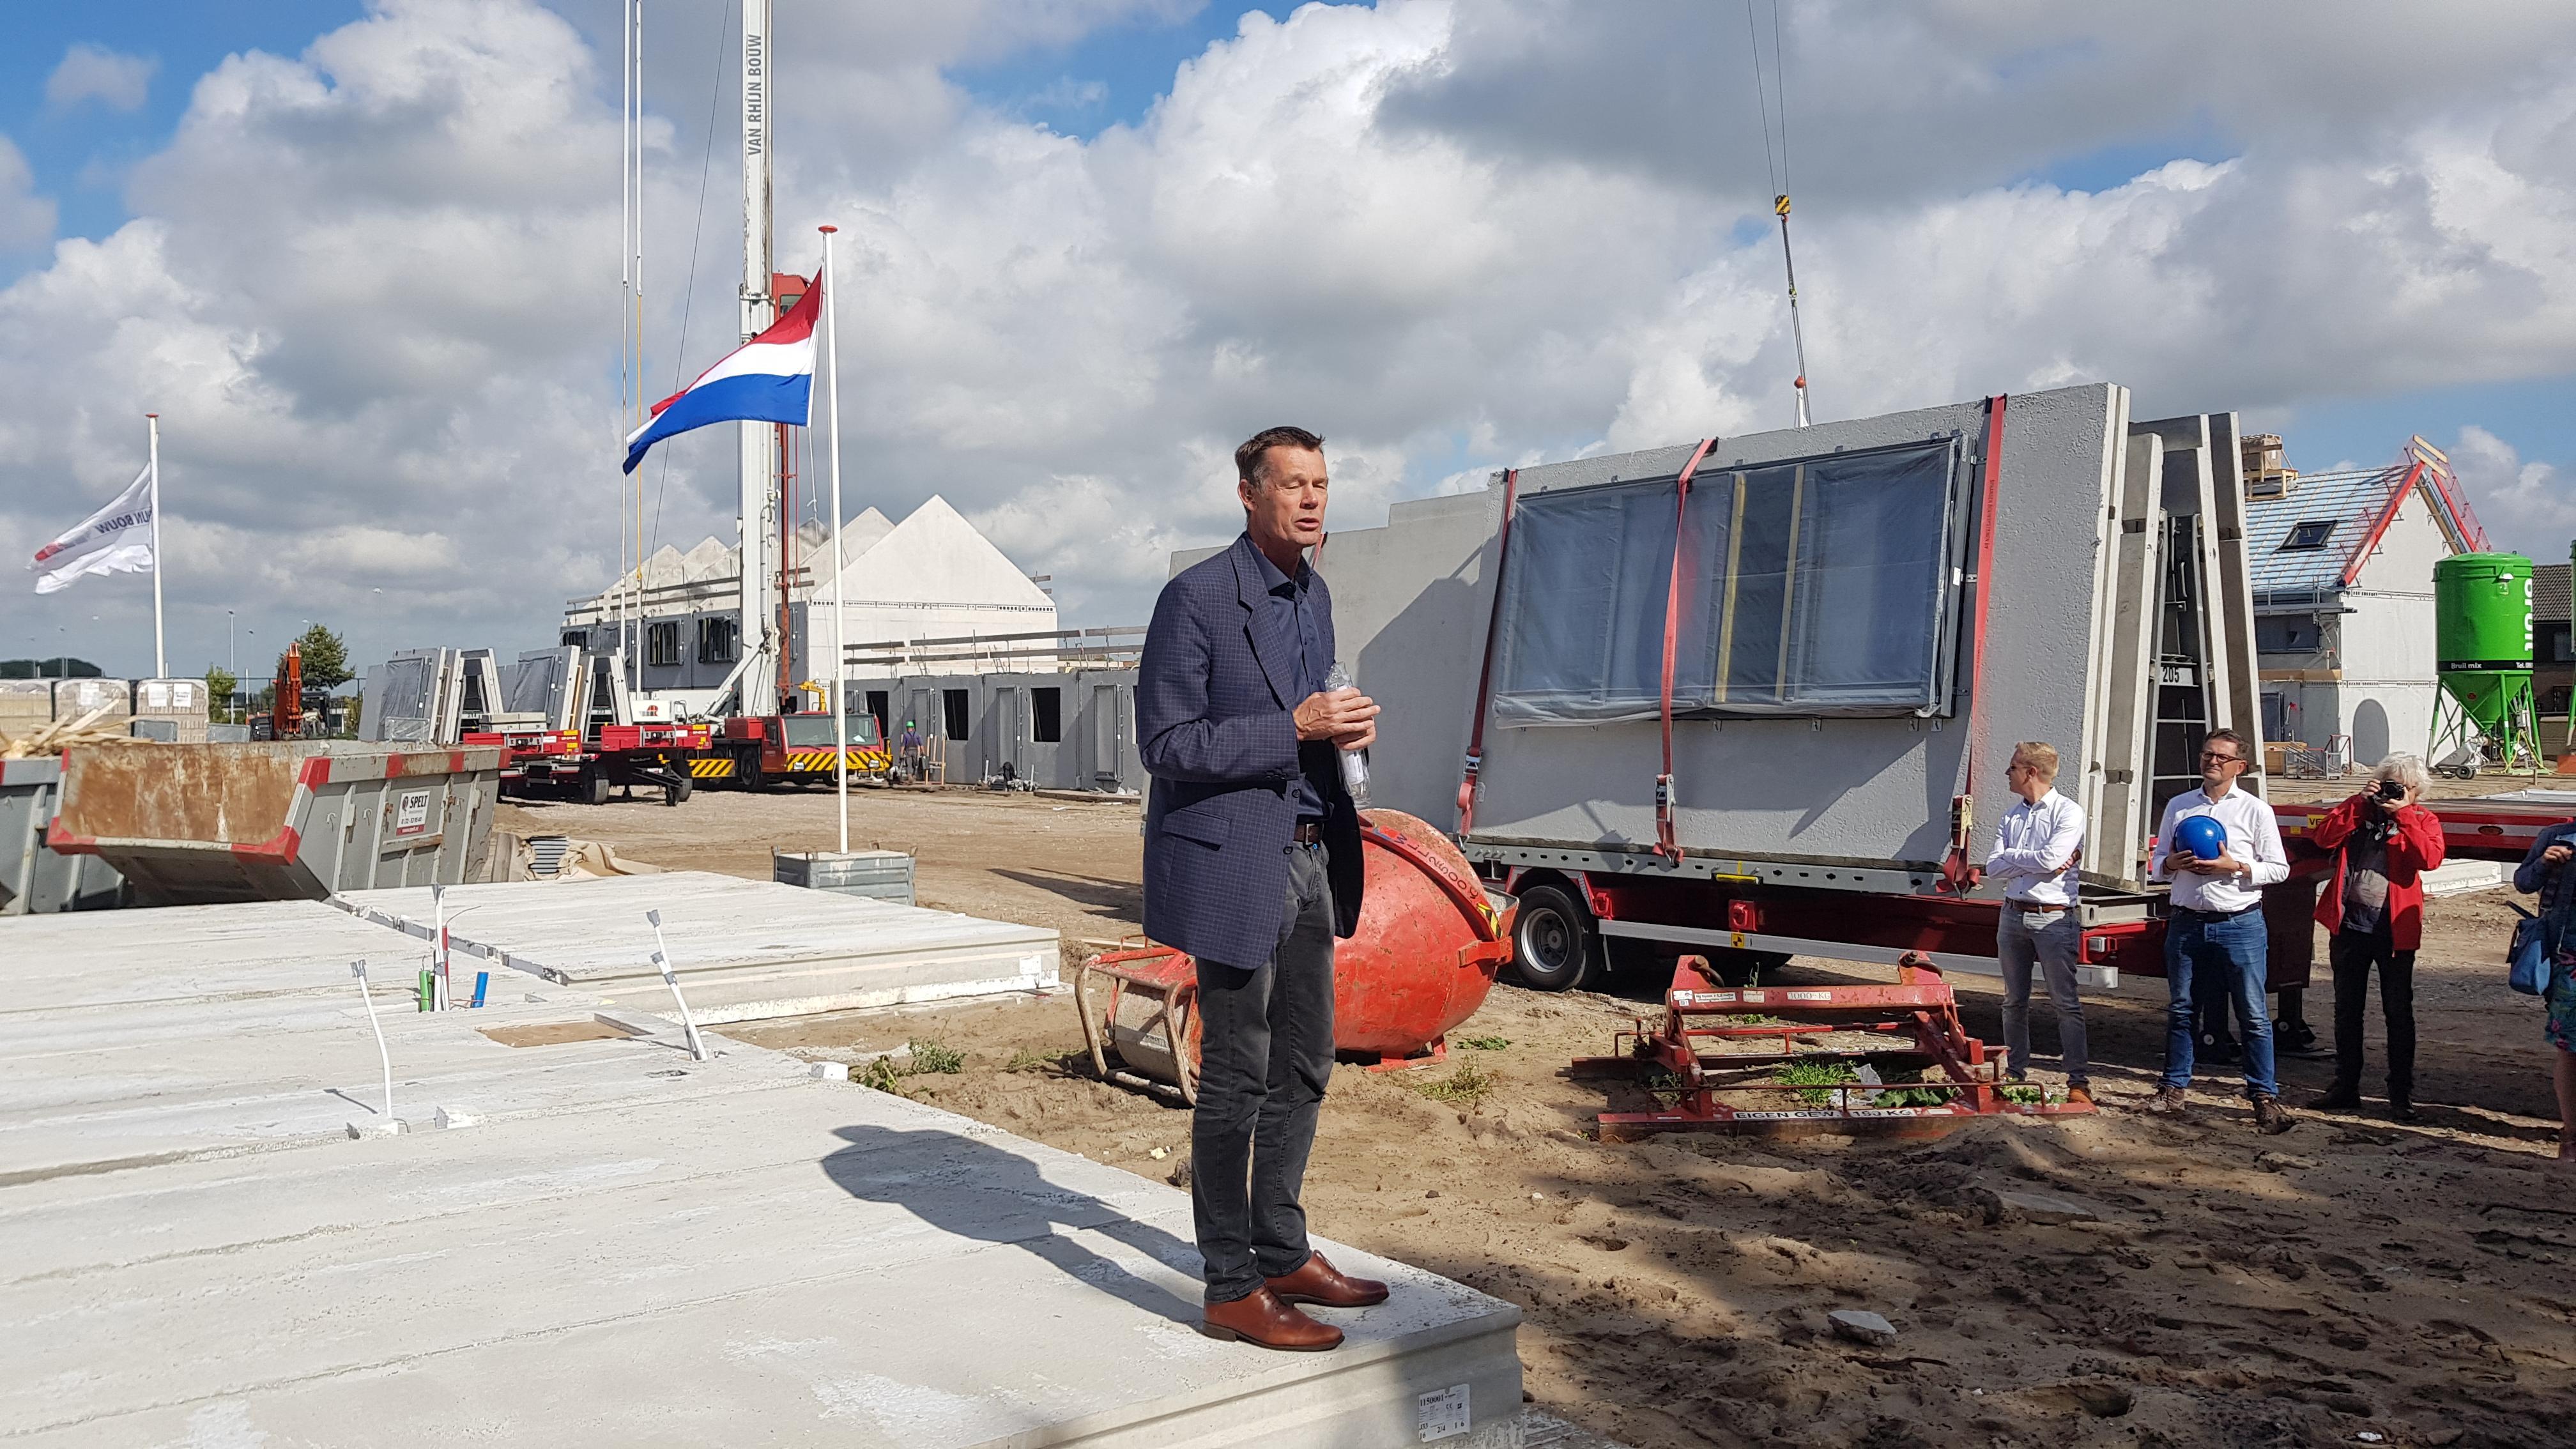 Noordwijks wethouder De Jong weg na vertrouwensbreuk: 'Op het moment dat ikzelf onderwerp van gesprek ben, trek ik mijn conclusies'